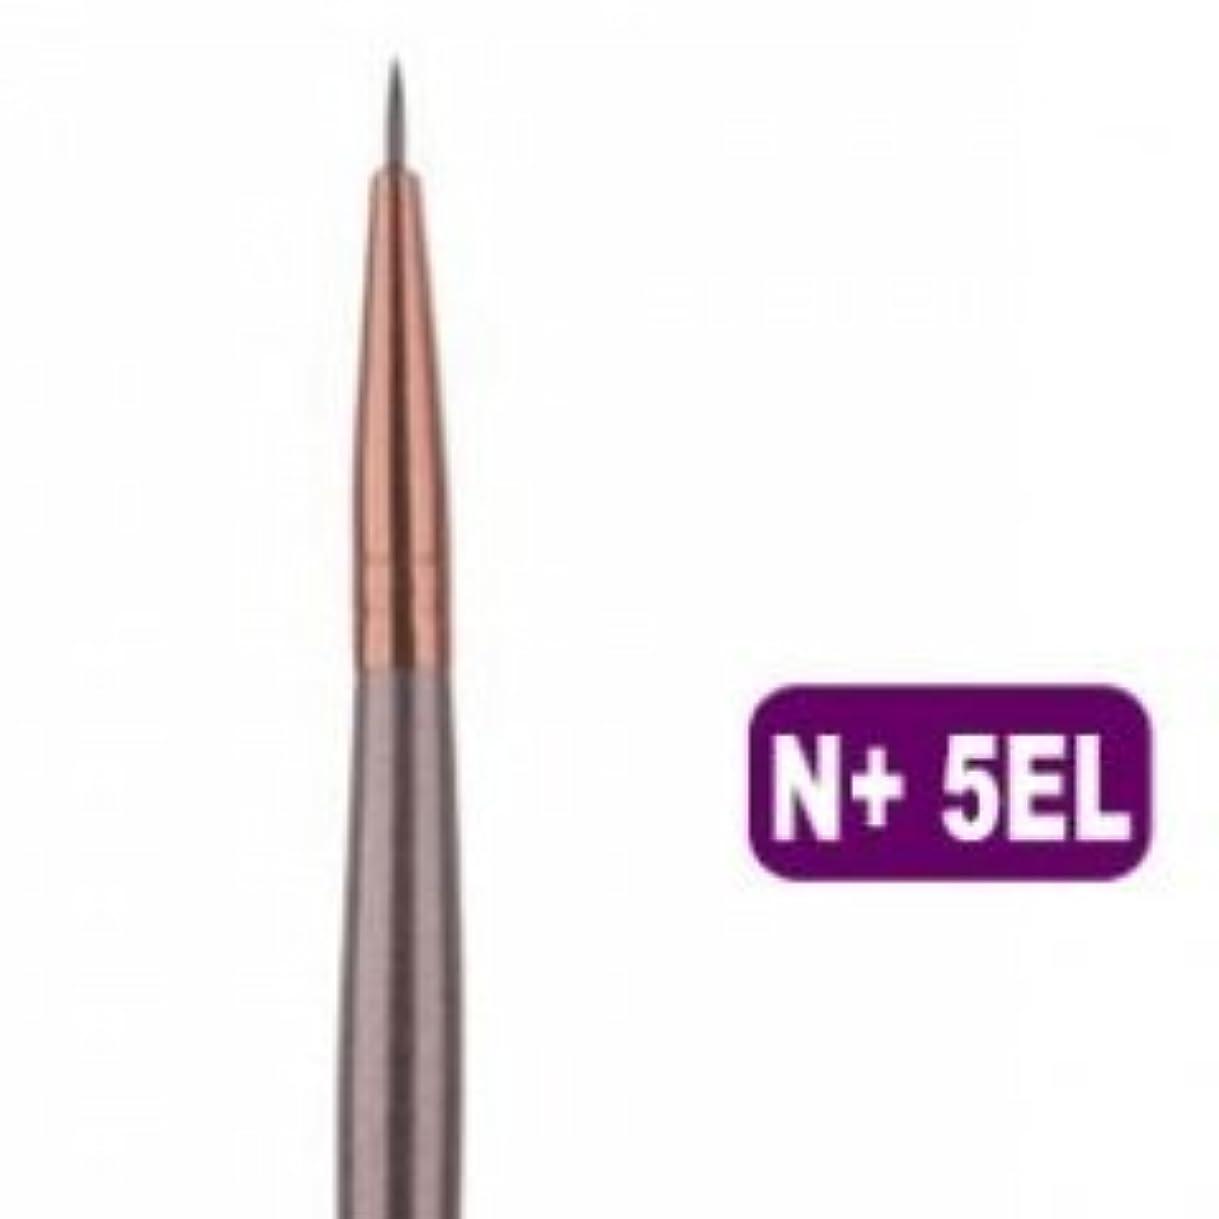 ピクニック干ばつショットメイクブラシ 化粧筆 アイラインブラシ 極細 N+ 5EL